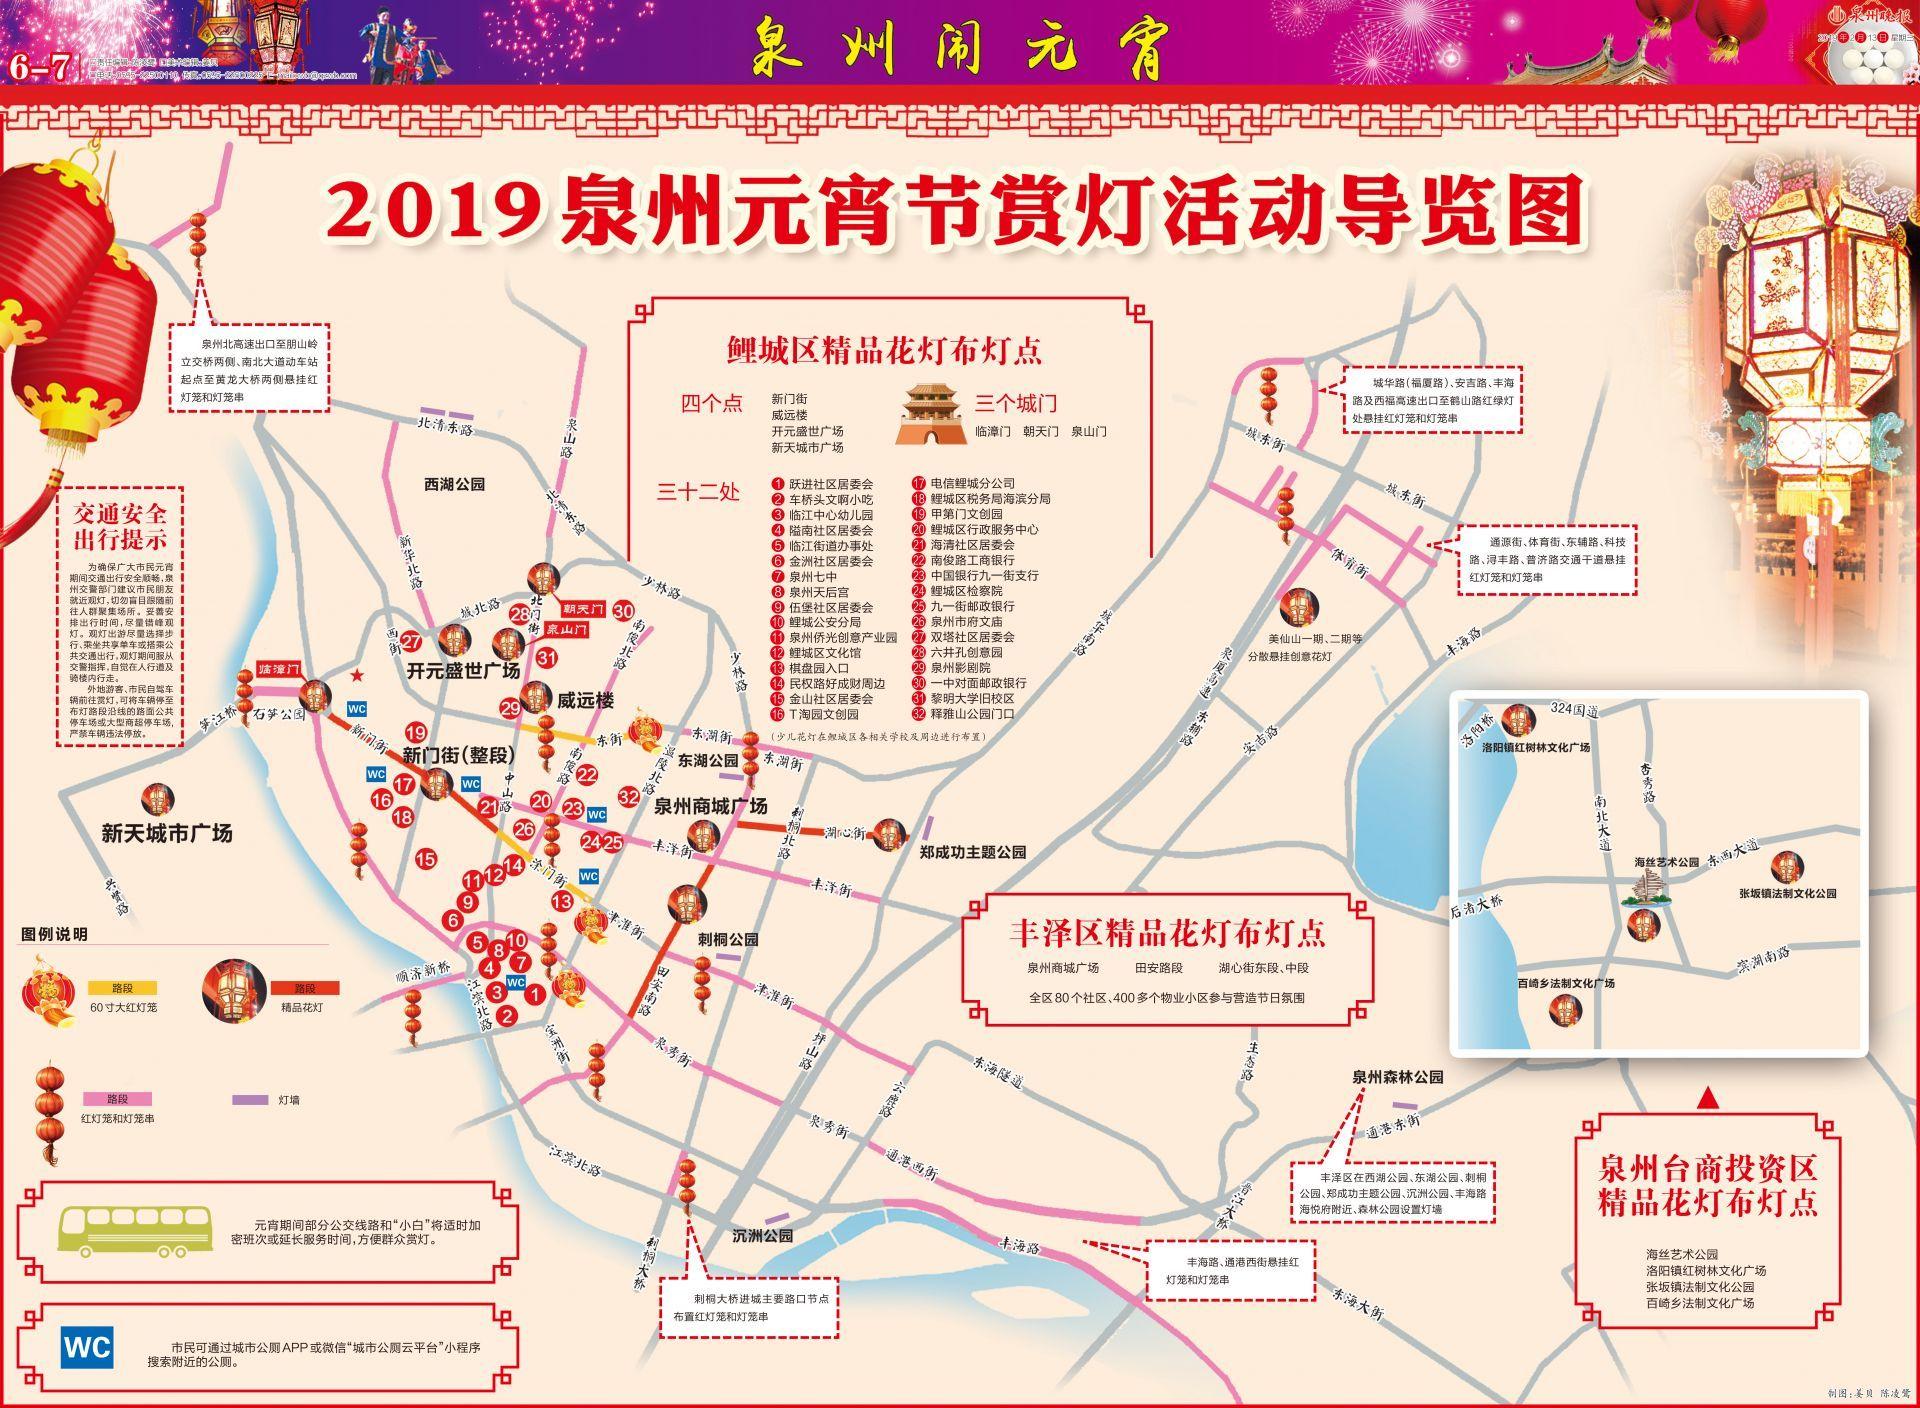 2019泉州元宵节赏灯活动导览图出炉